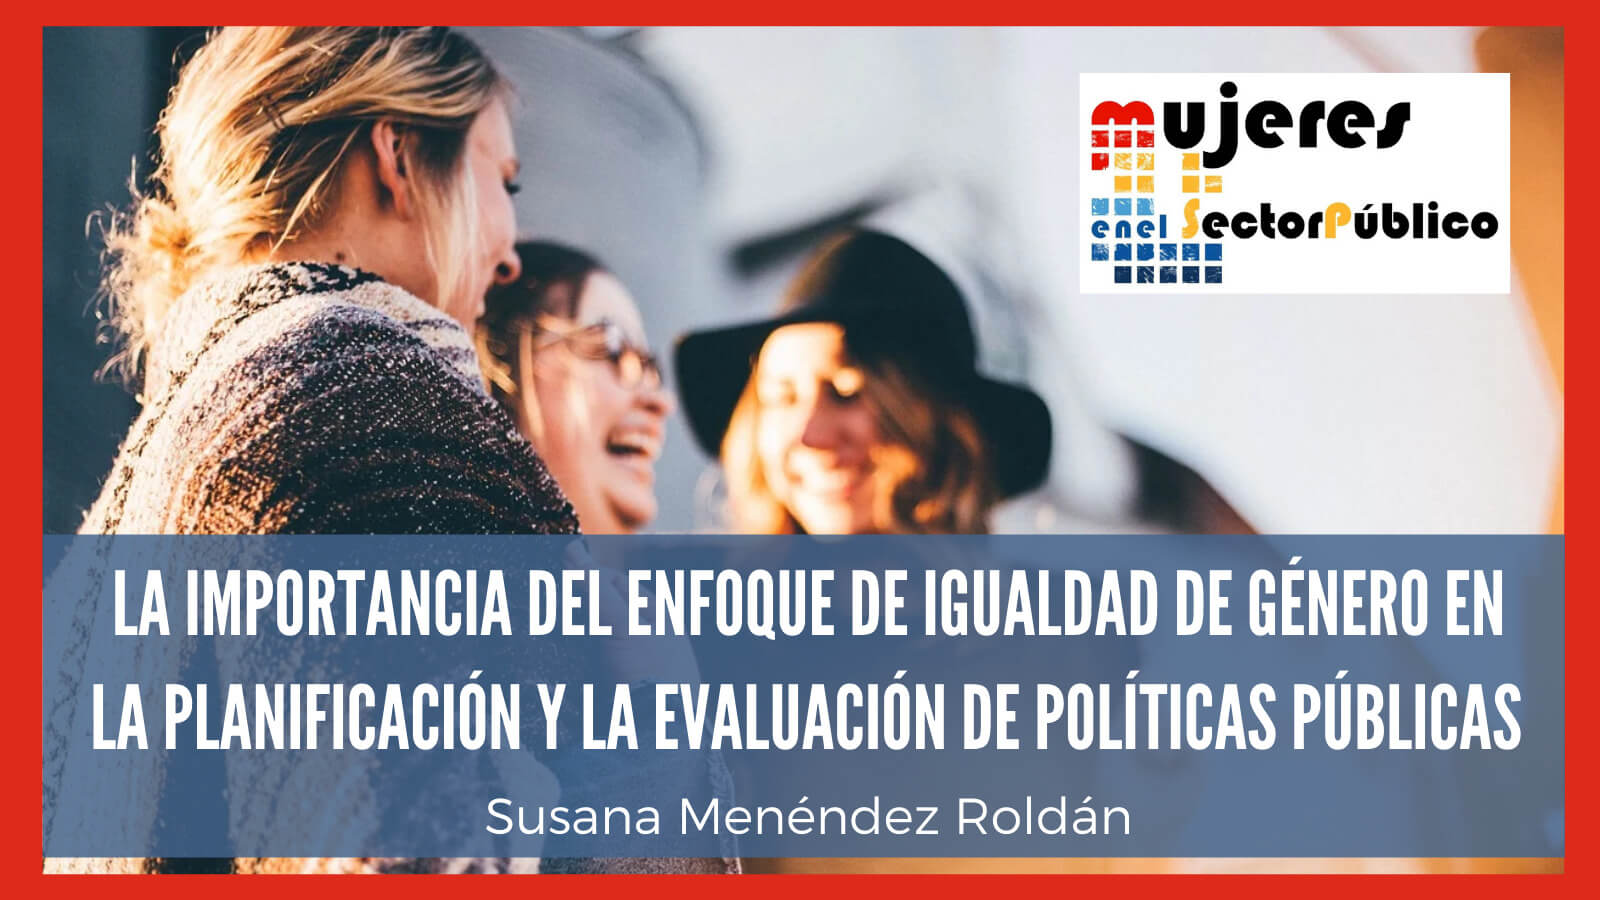 Post Susana Menéndez